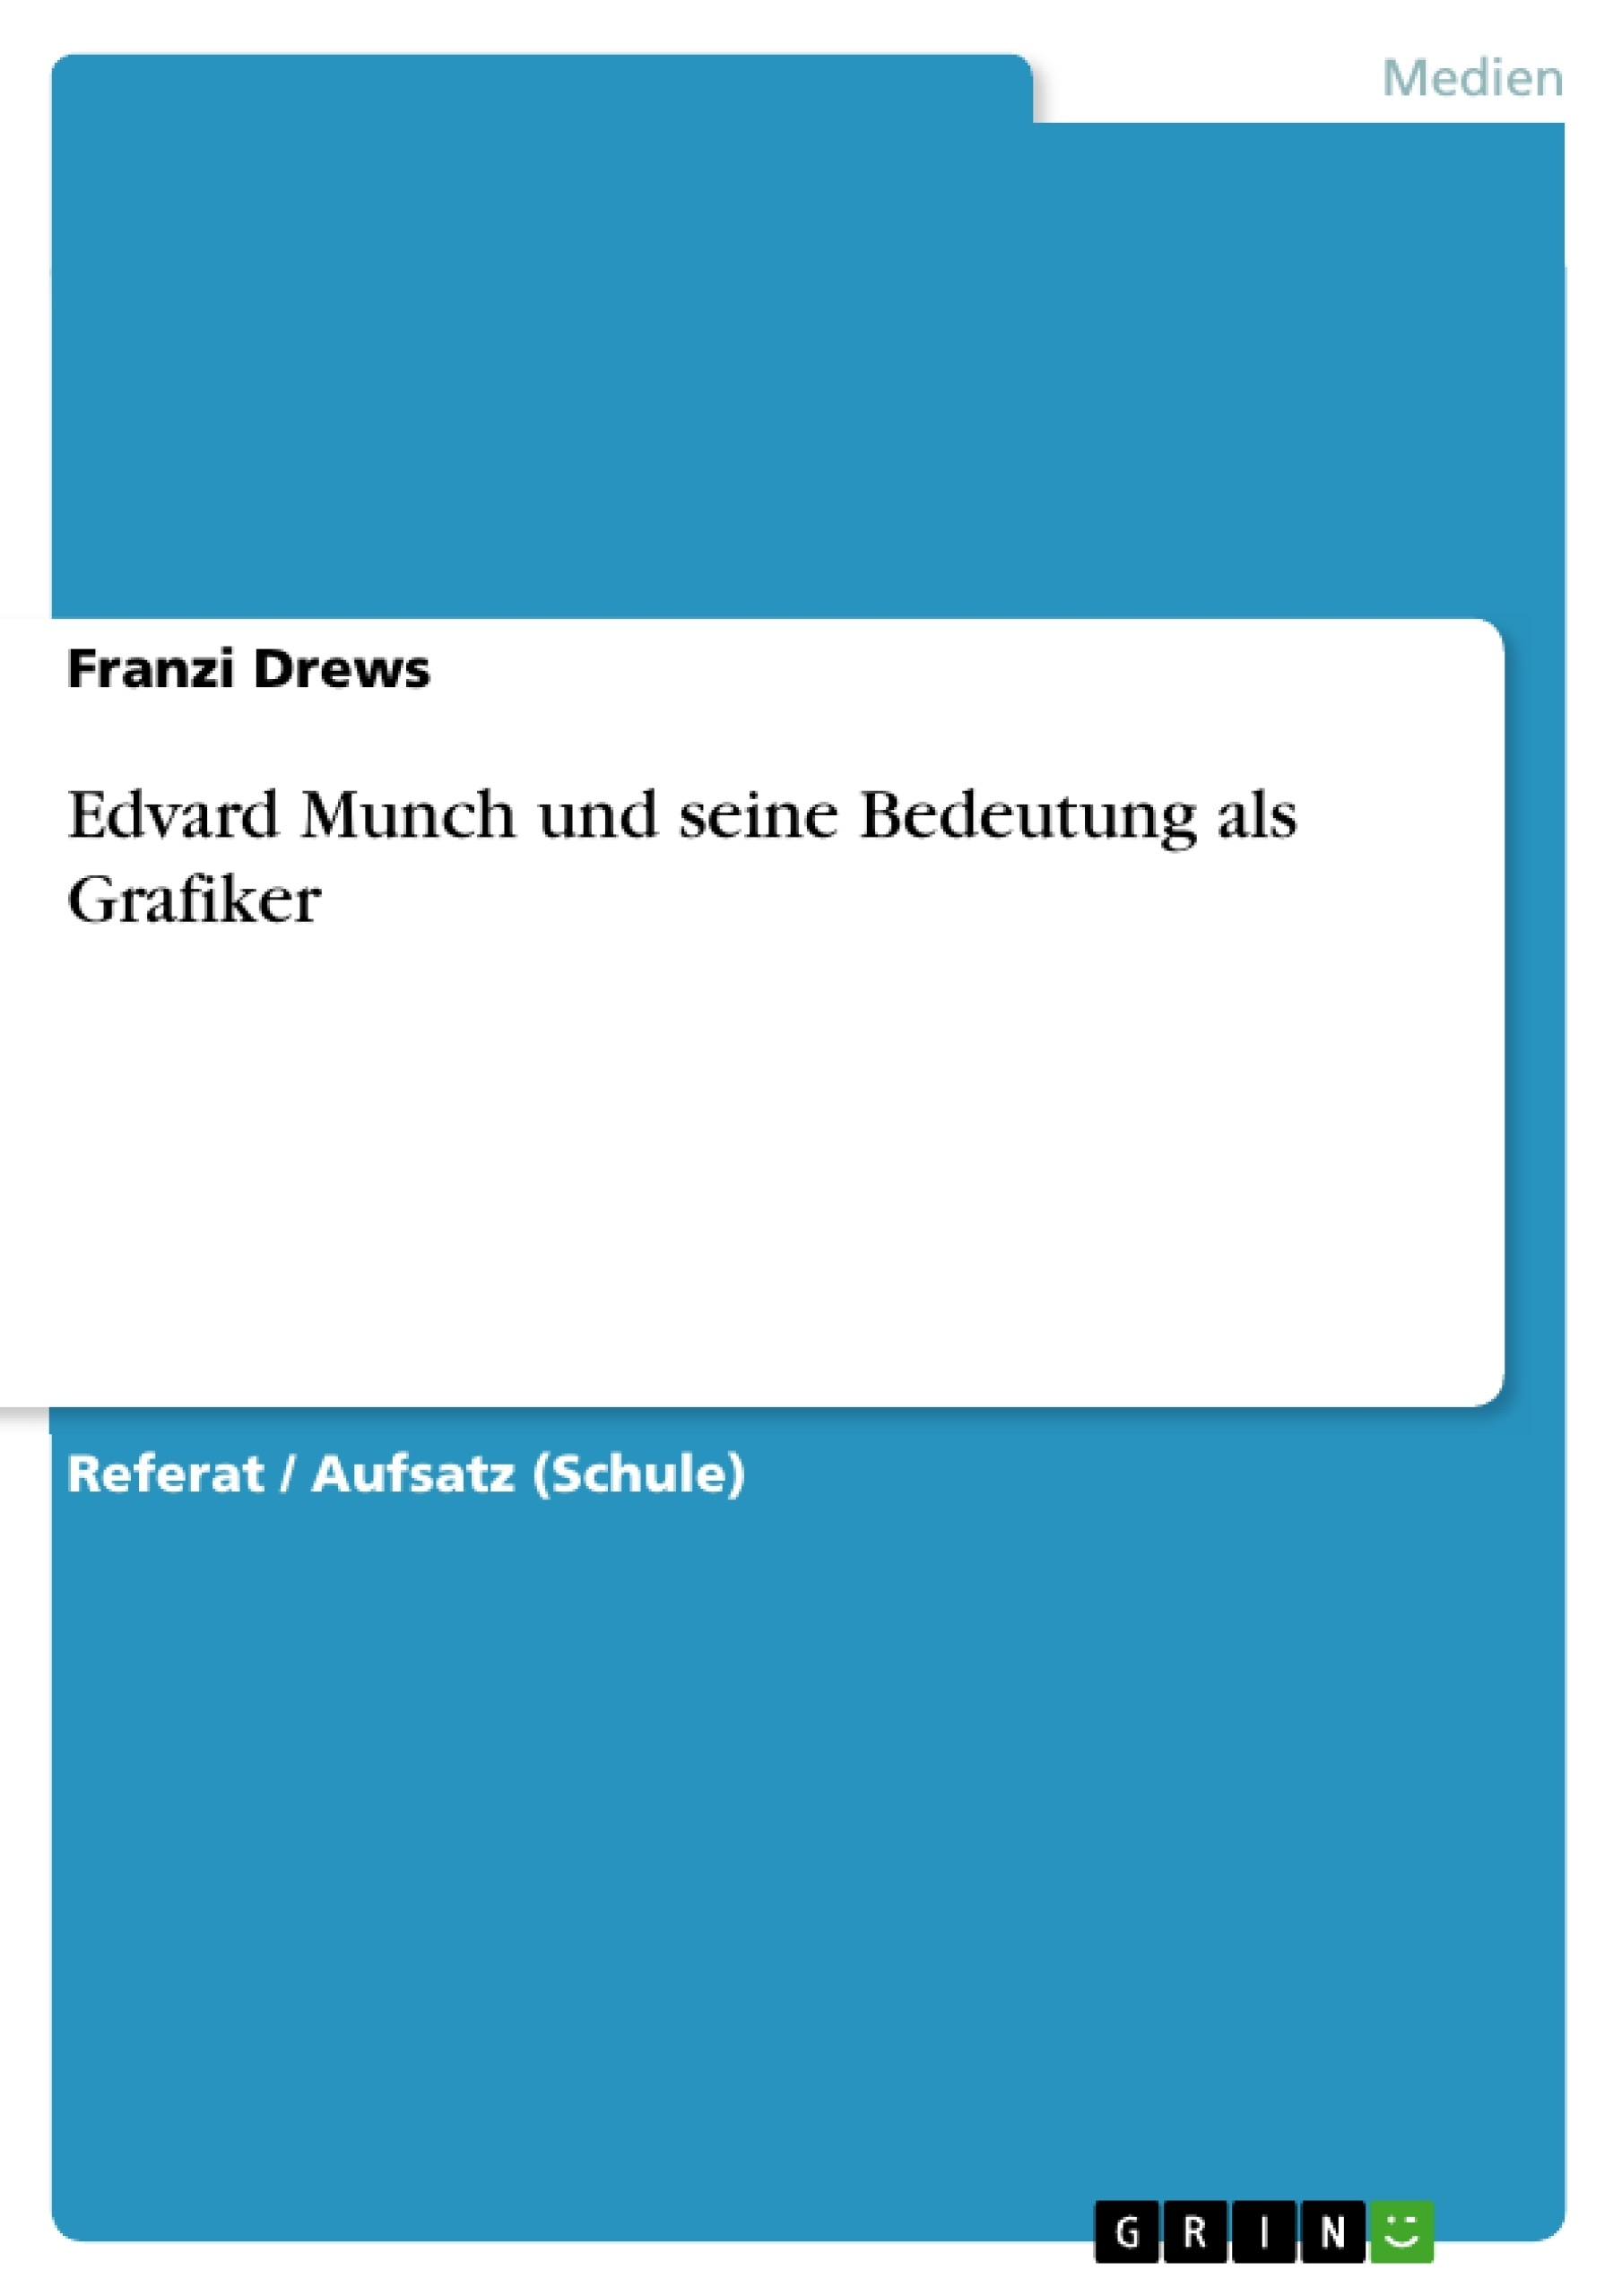 Titel: Edvard Munch und seine Bedeutung als Grafiker